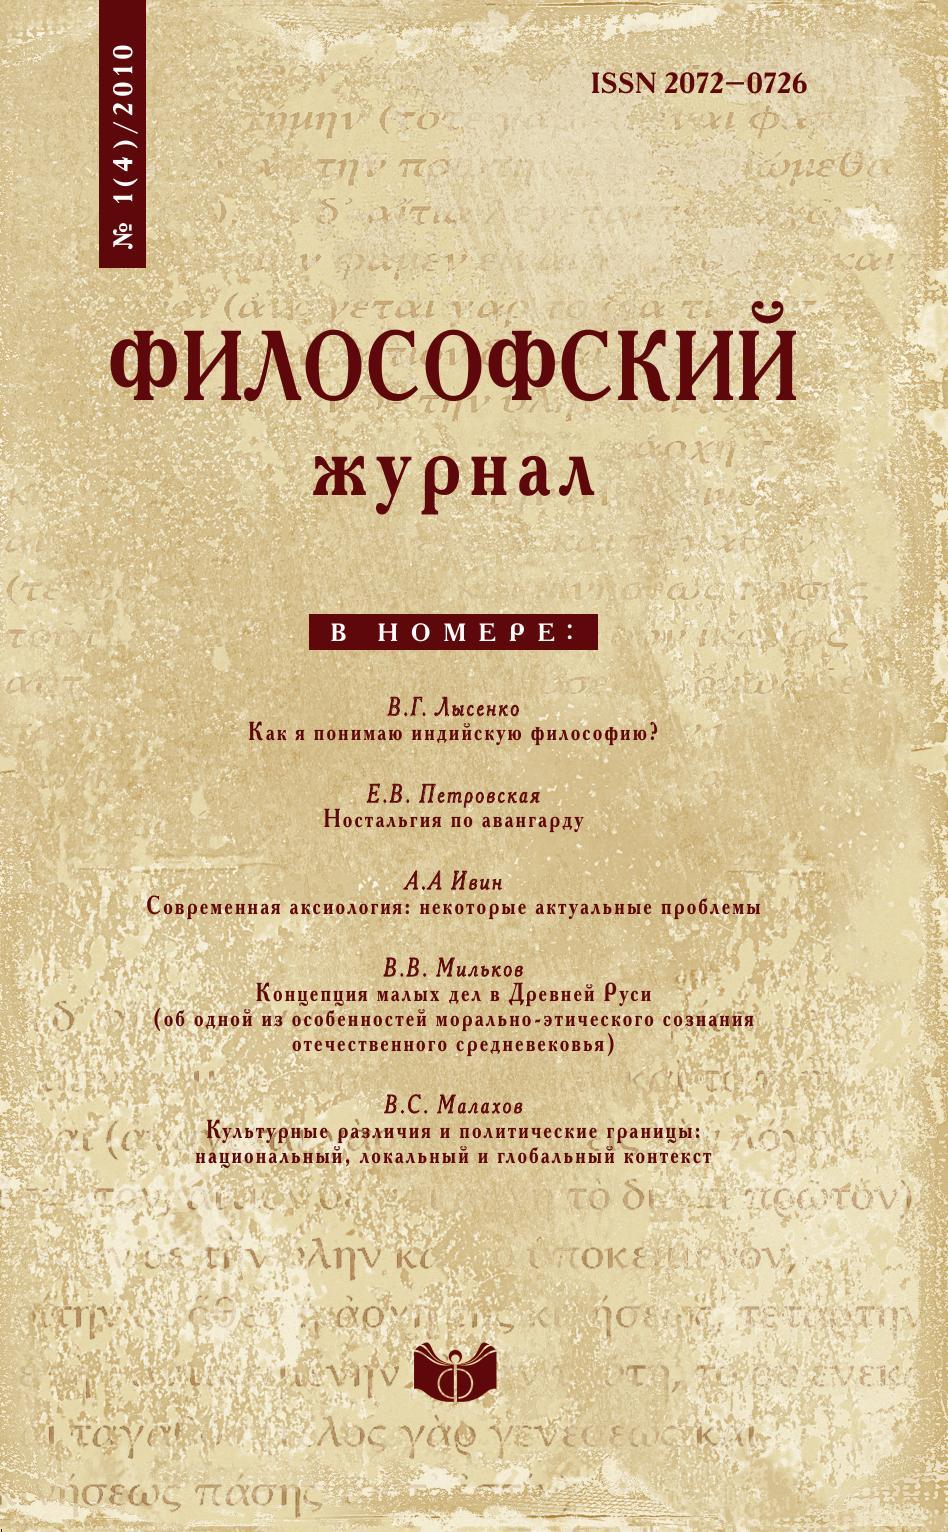 сборник Философский журнал. . 1(4) 2010